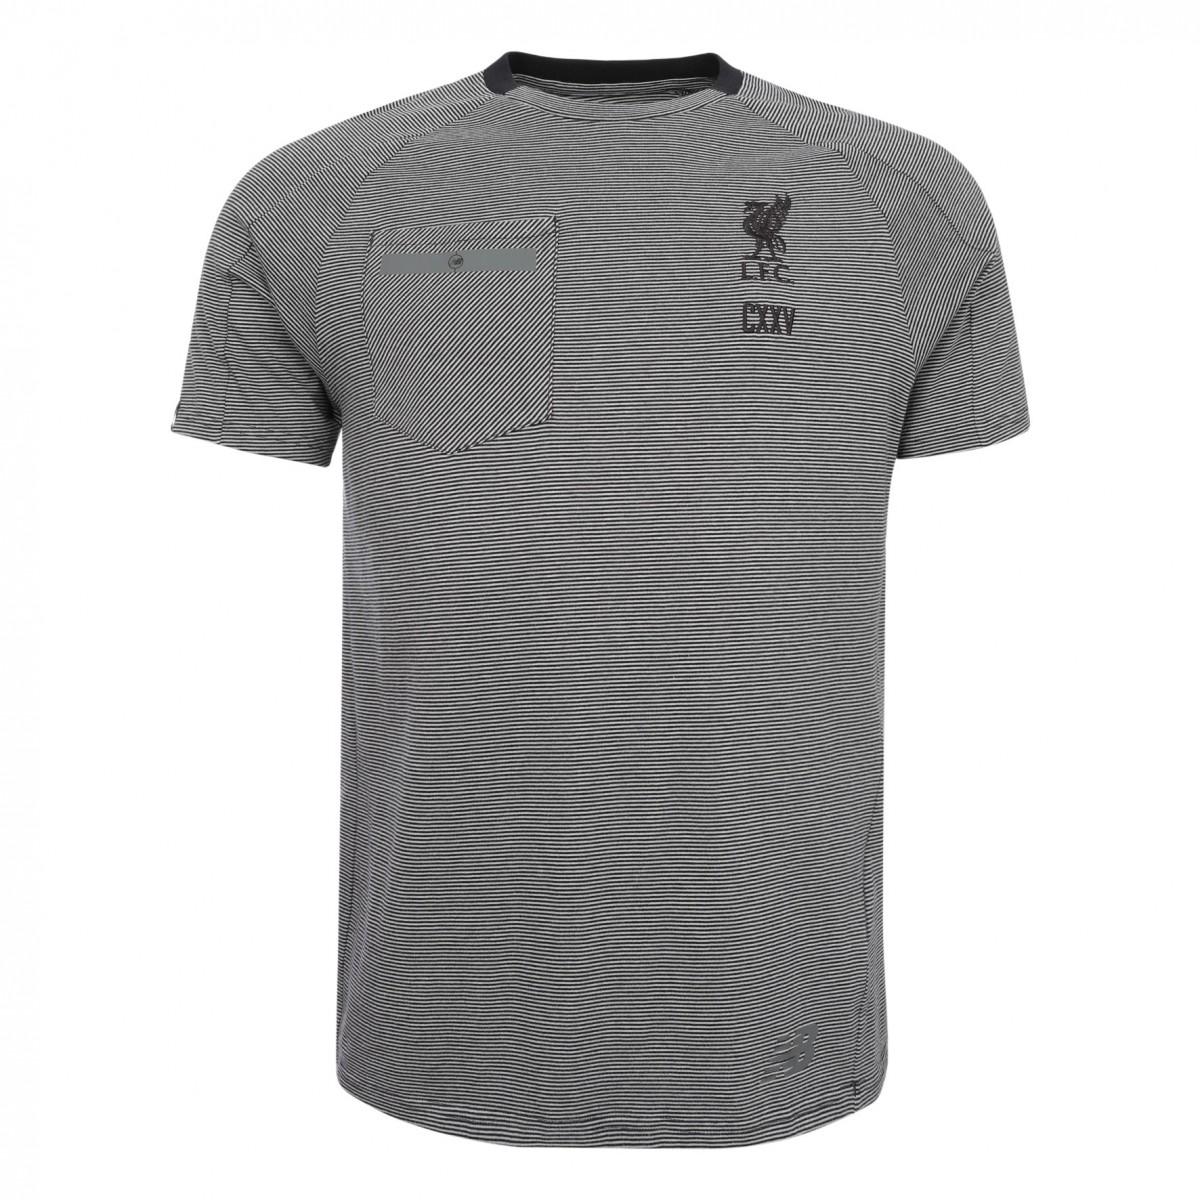 เสื้อทีเชิ้ตนิวบาลานซ์ลิเวอร์พูล สีดำของแท้ Sportswear Mens Black Tee CXXV 17/18